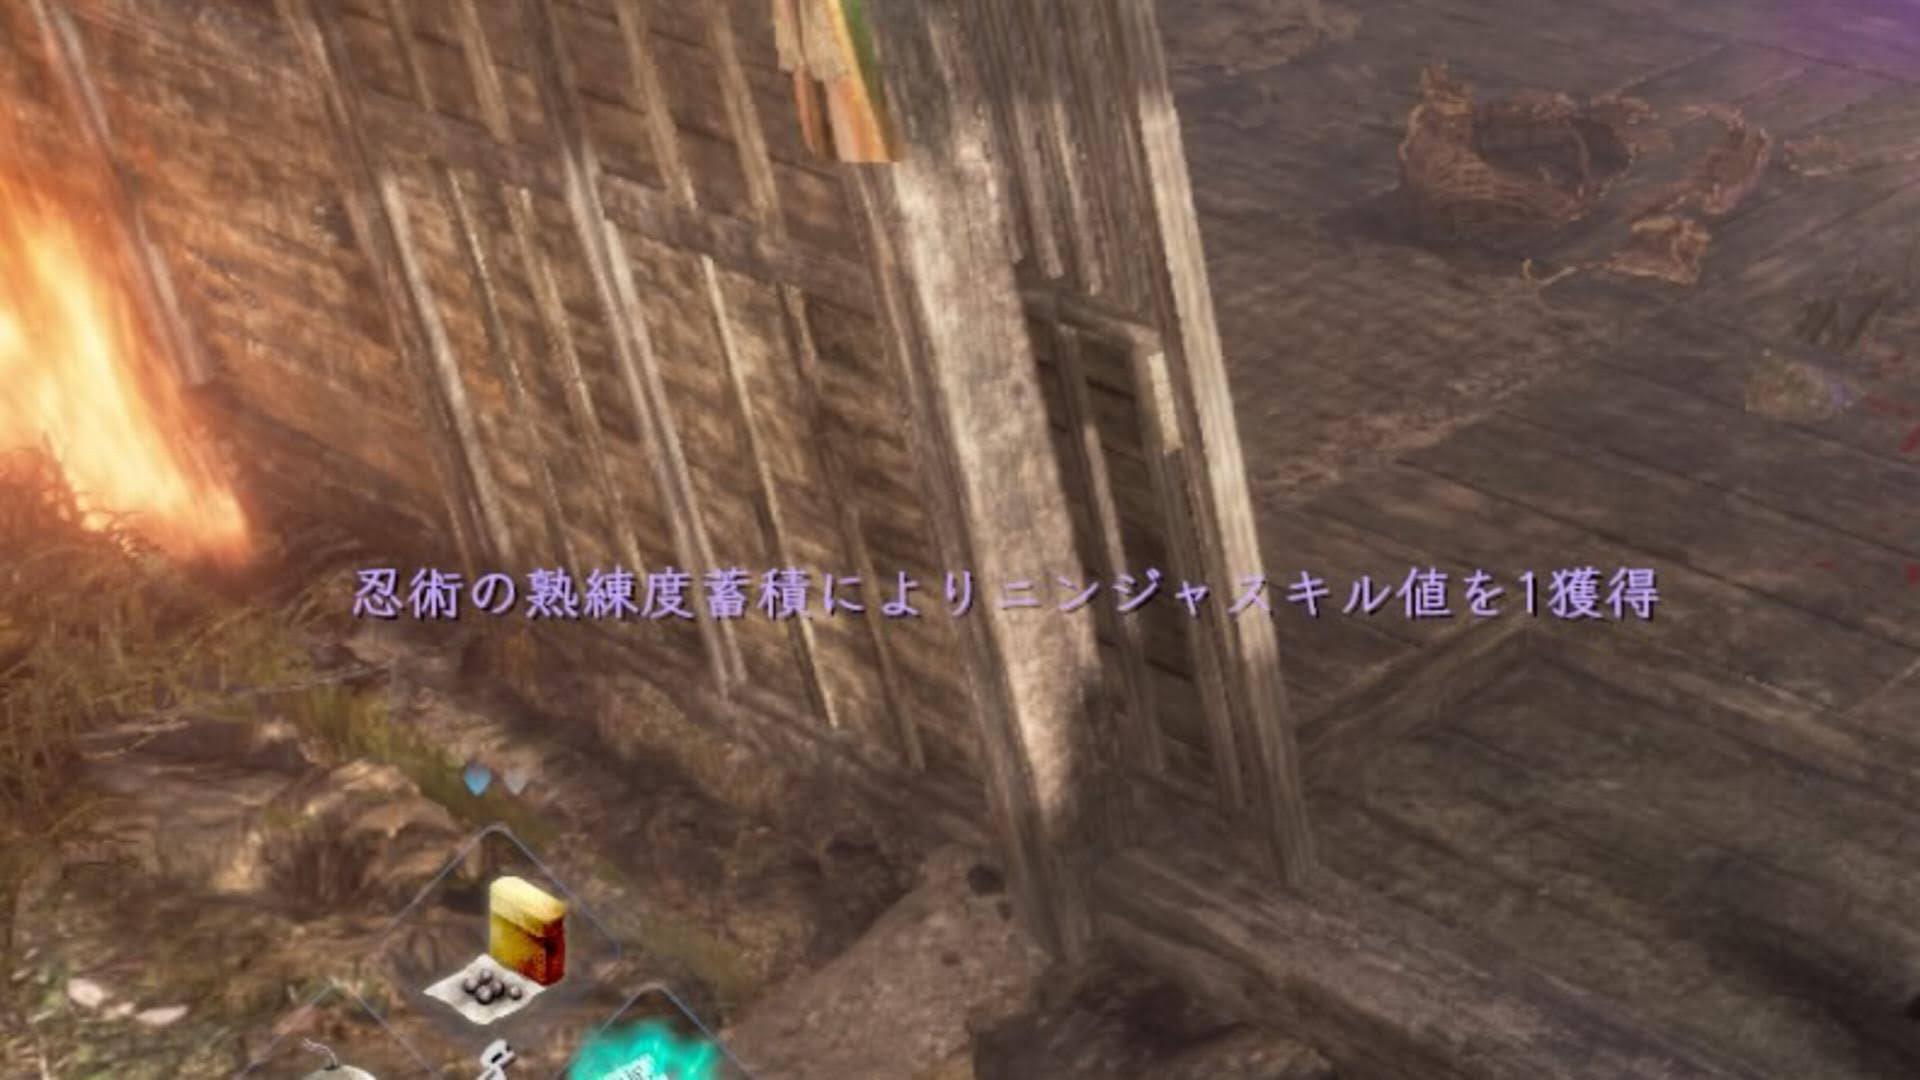 スキル 仁王 2 忍者